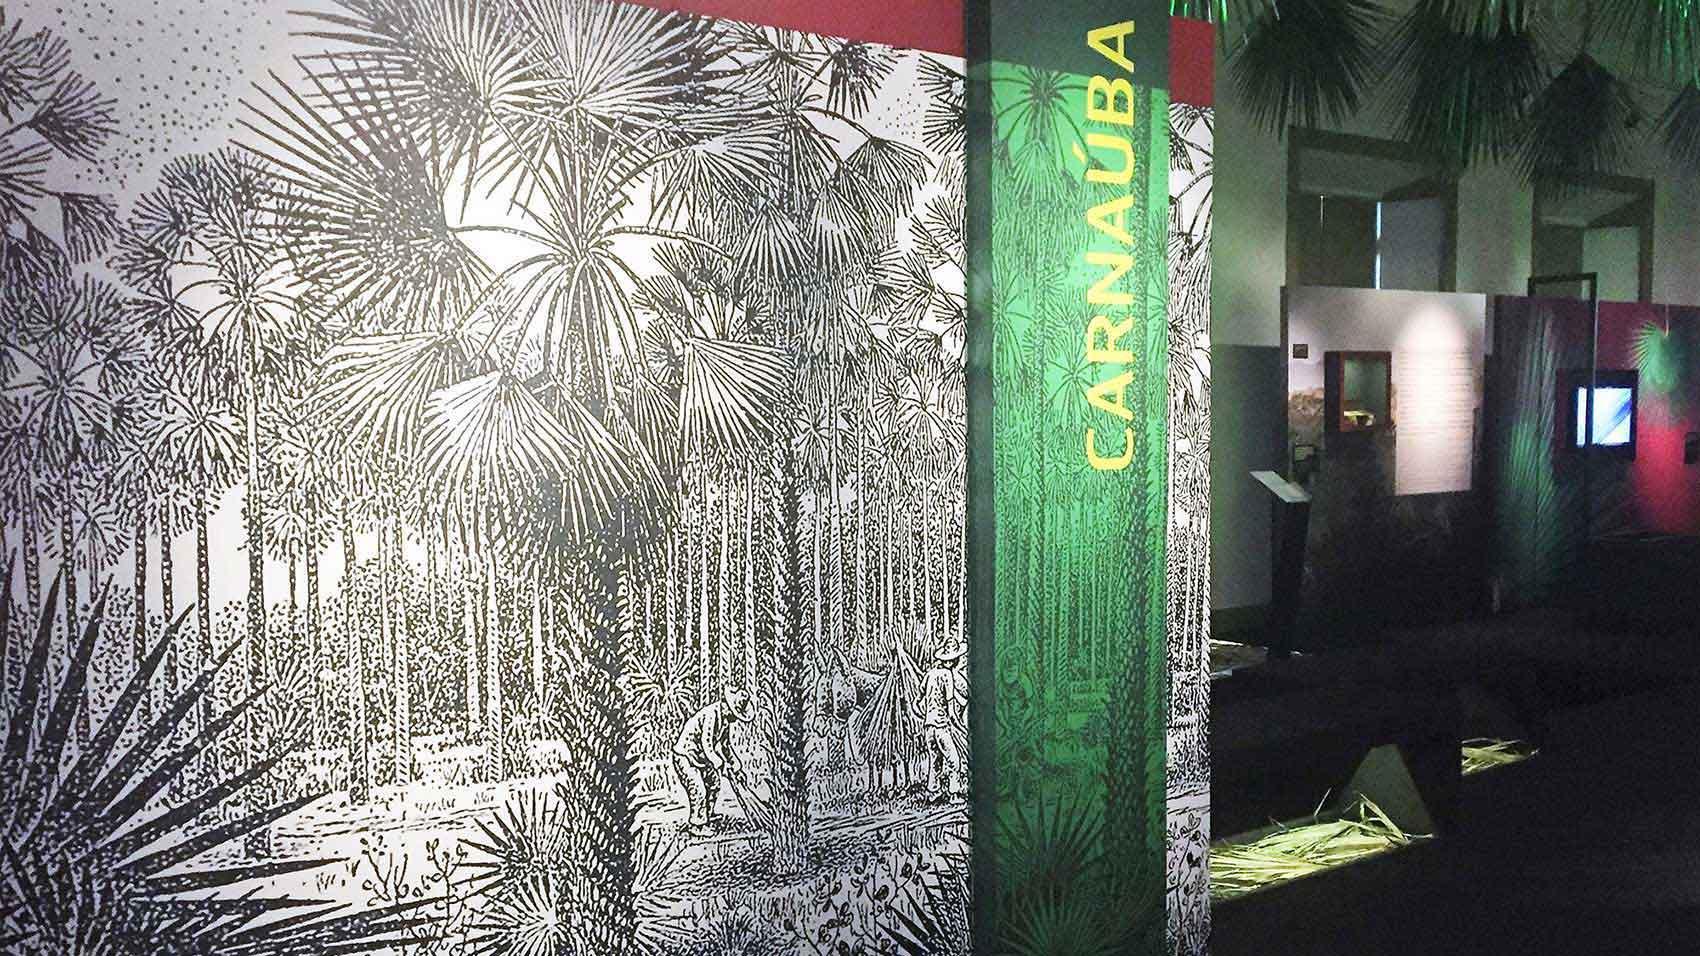 """""""카르나우바: 생명의 나무(Carnaúba: Tree of Life)"""" 전시회가 브라질 포르탈레자에서 열립니다"""